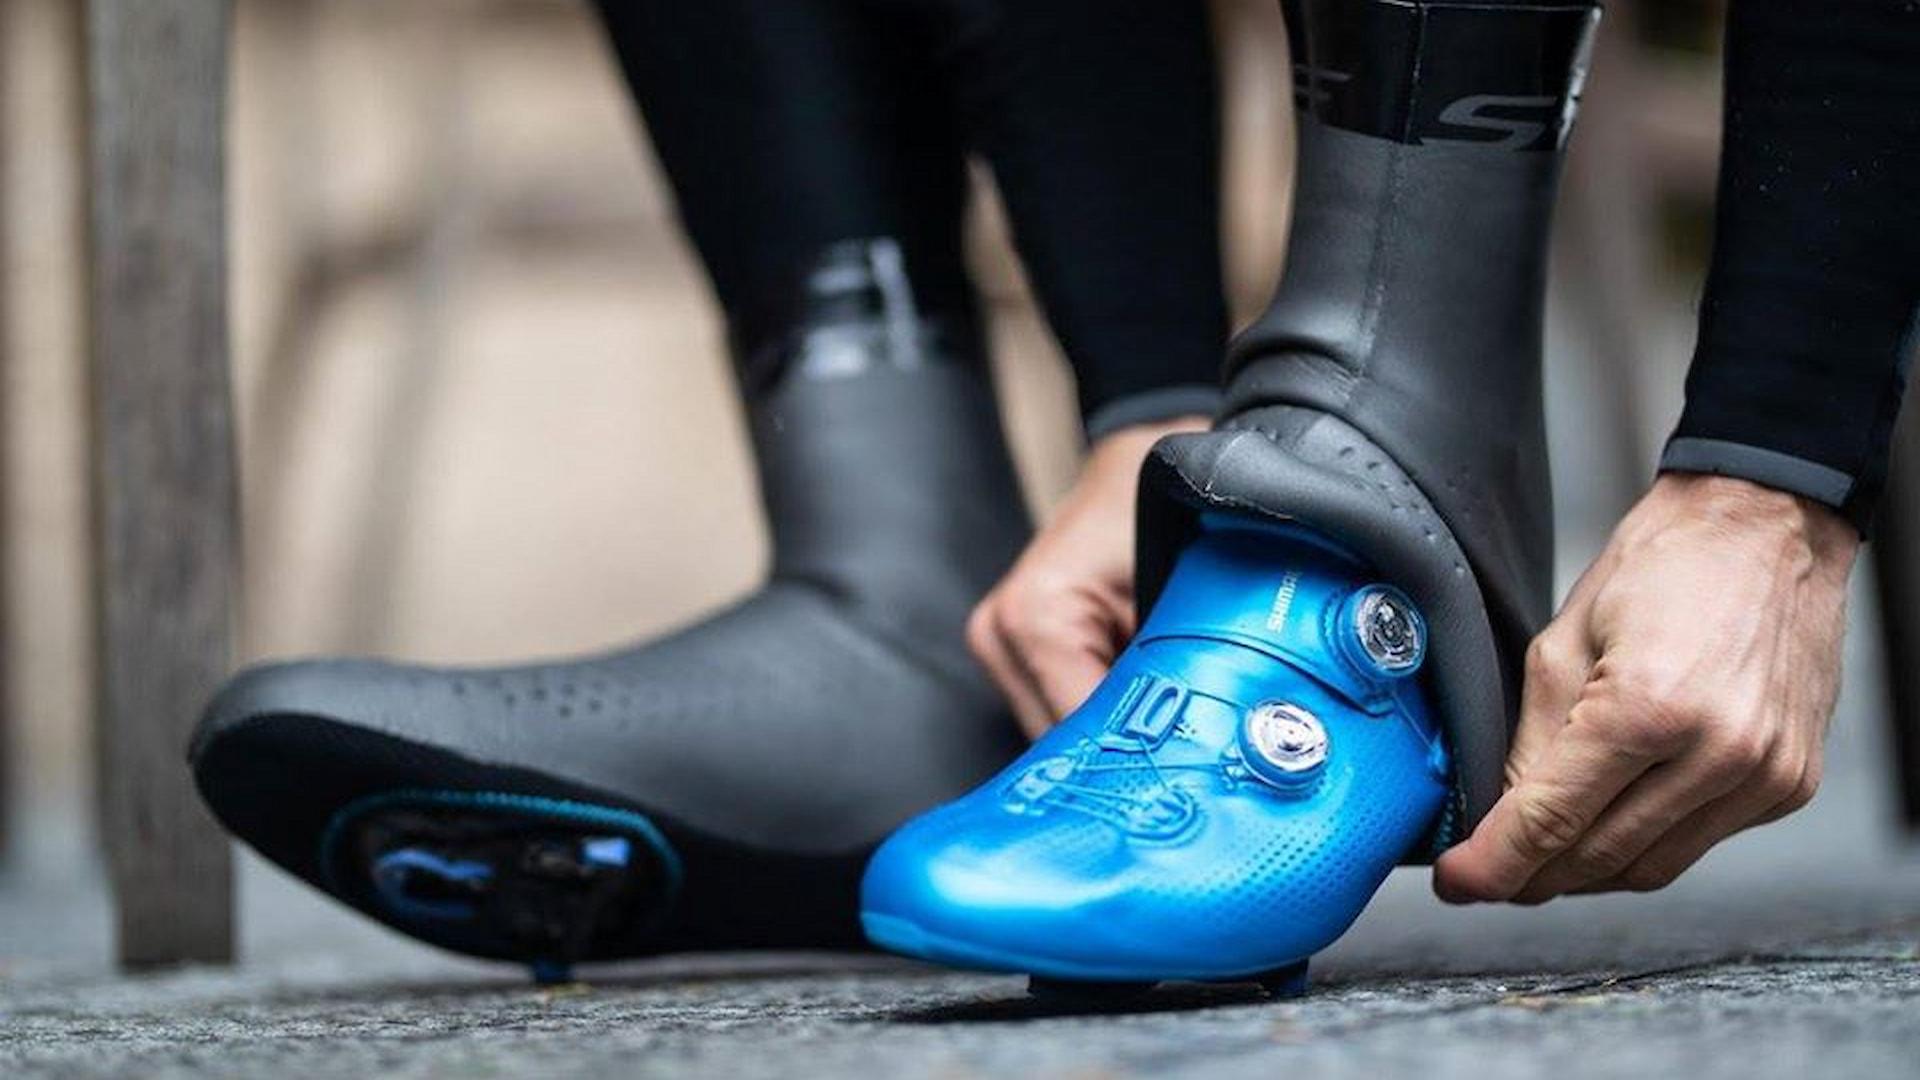 Buty rowerowe wraz z ochraniaczami zakładane przez kolarza